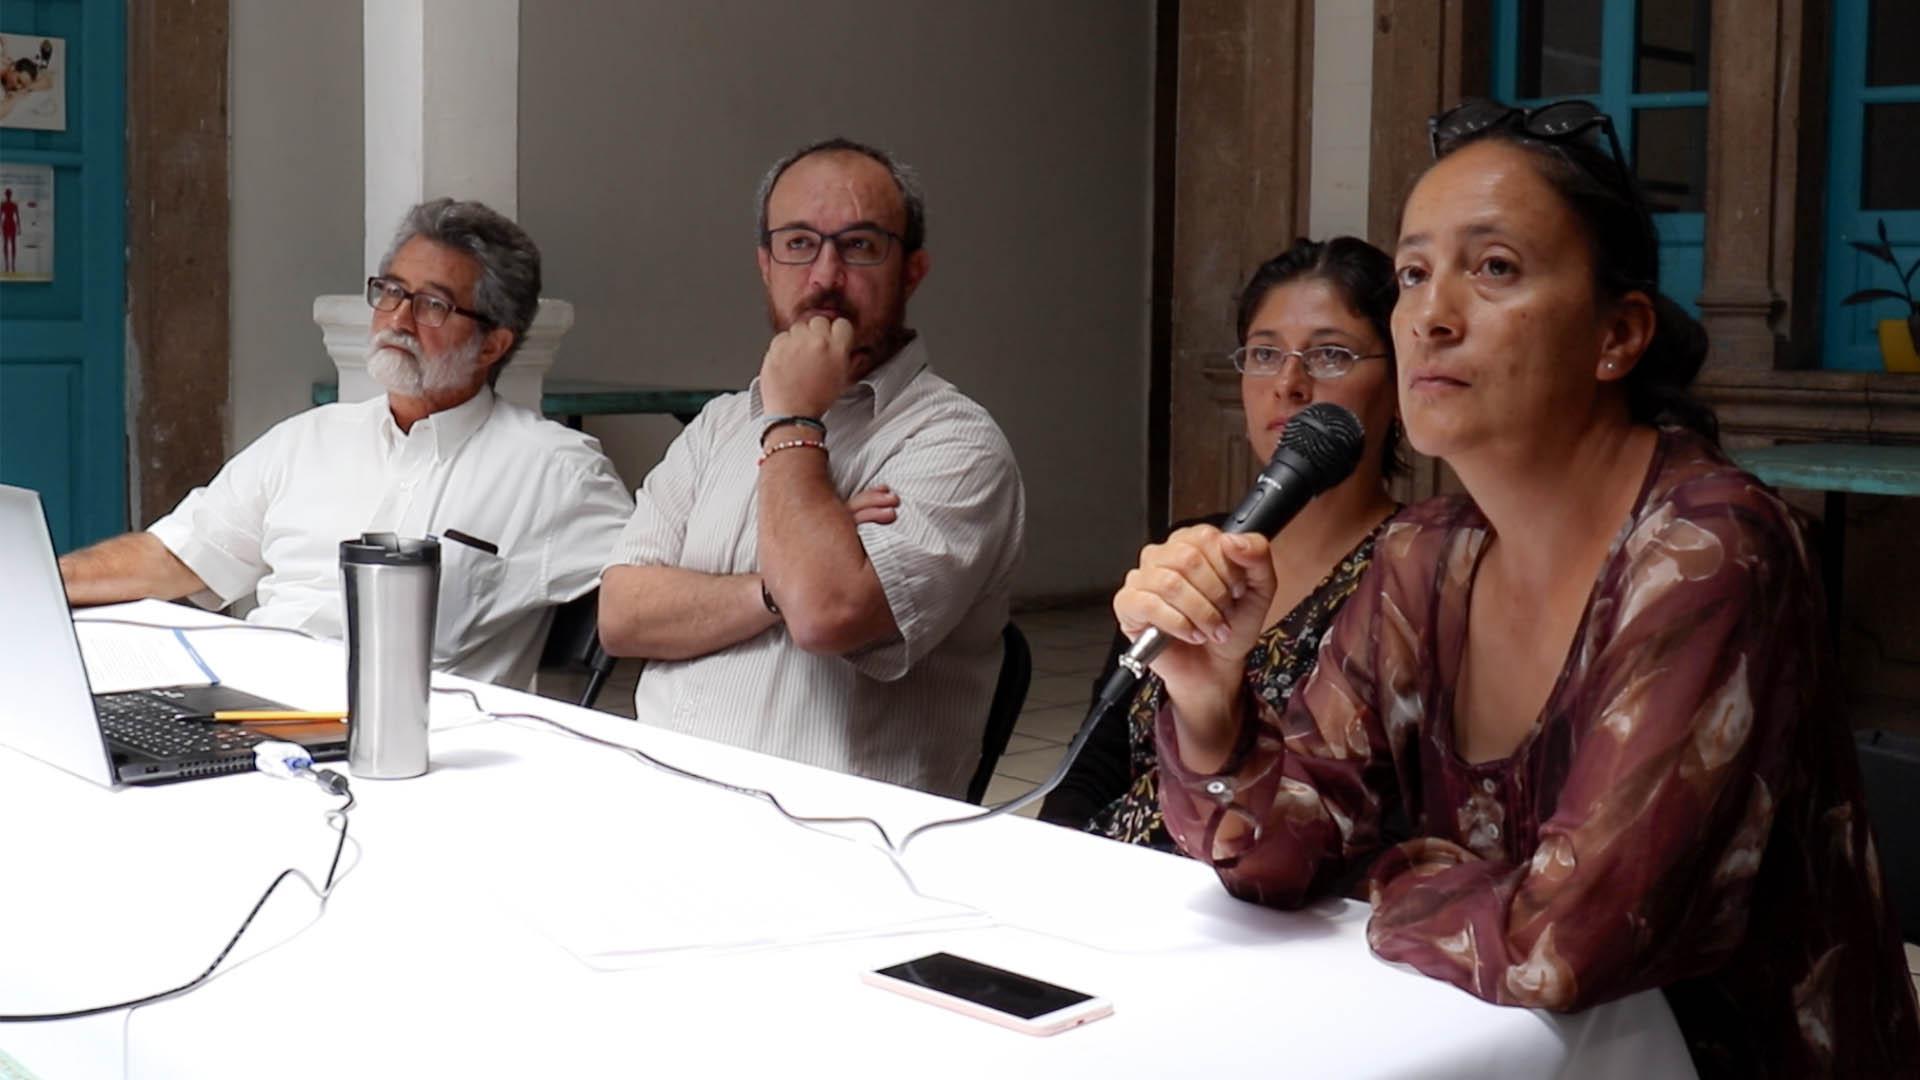 Grupos ecologistas cierran filas en torno a defensores del humedal, que denuncian amenazas por oponerse al City Center (Guanajuato)